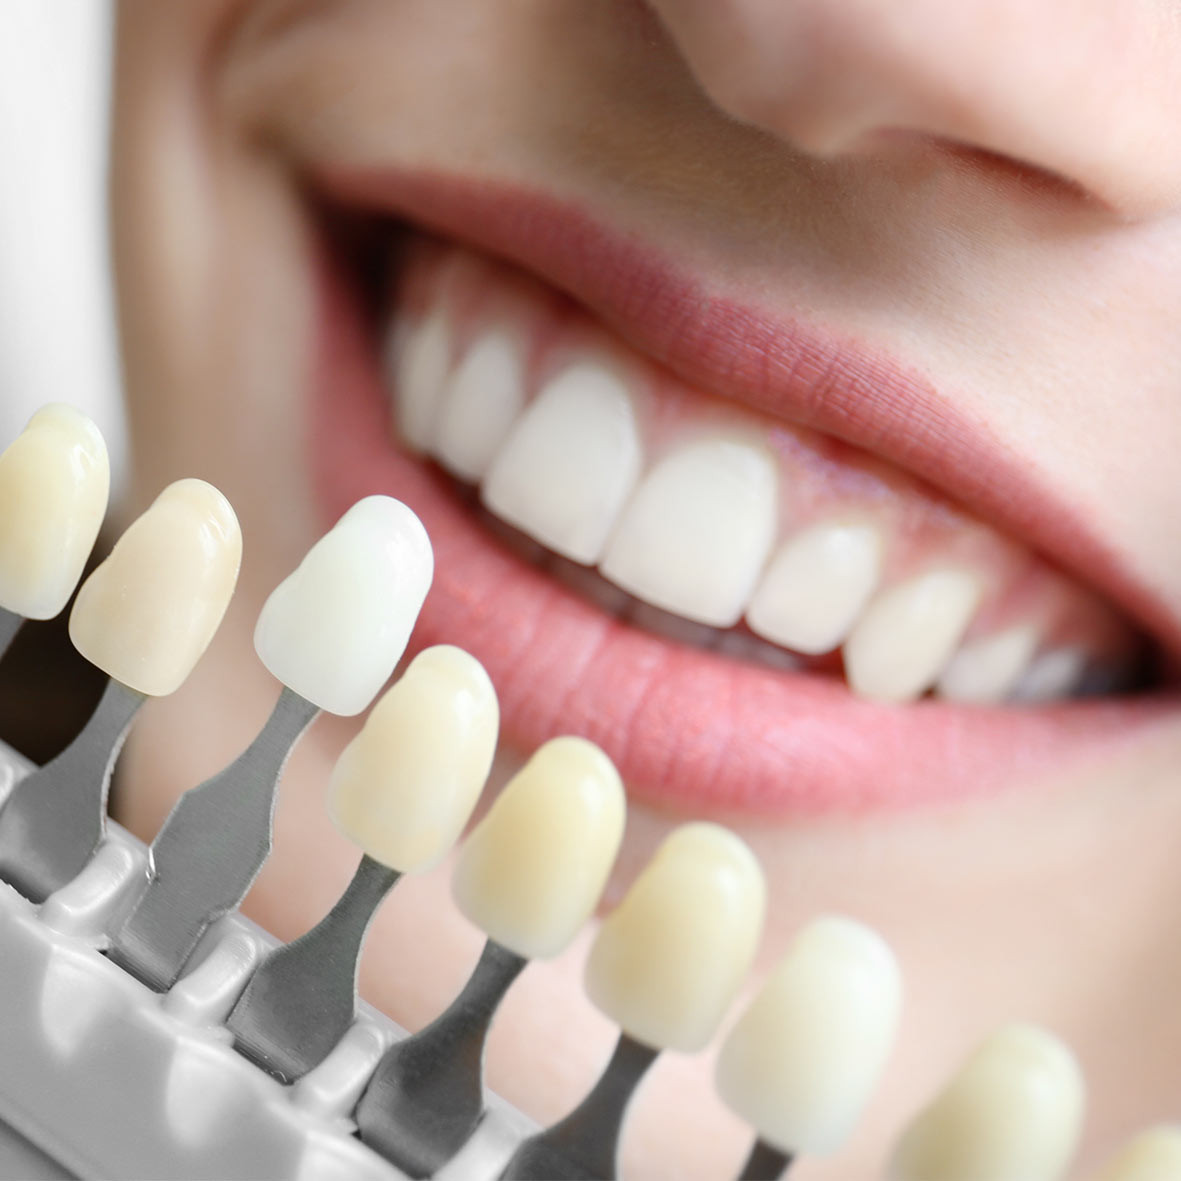 ¿Cómo se realiza un blanqueamiento dental?